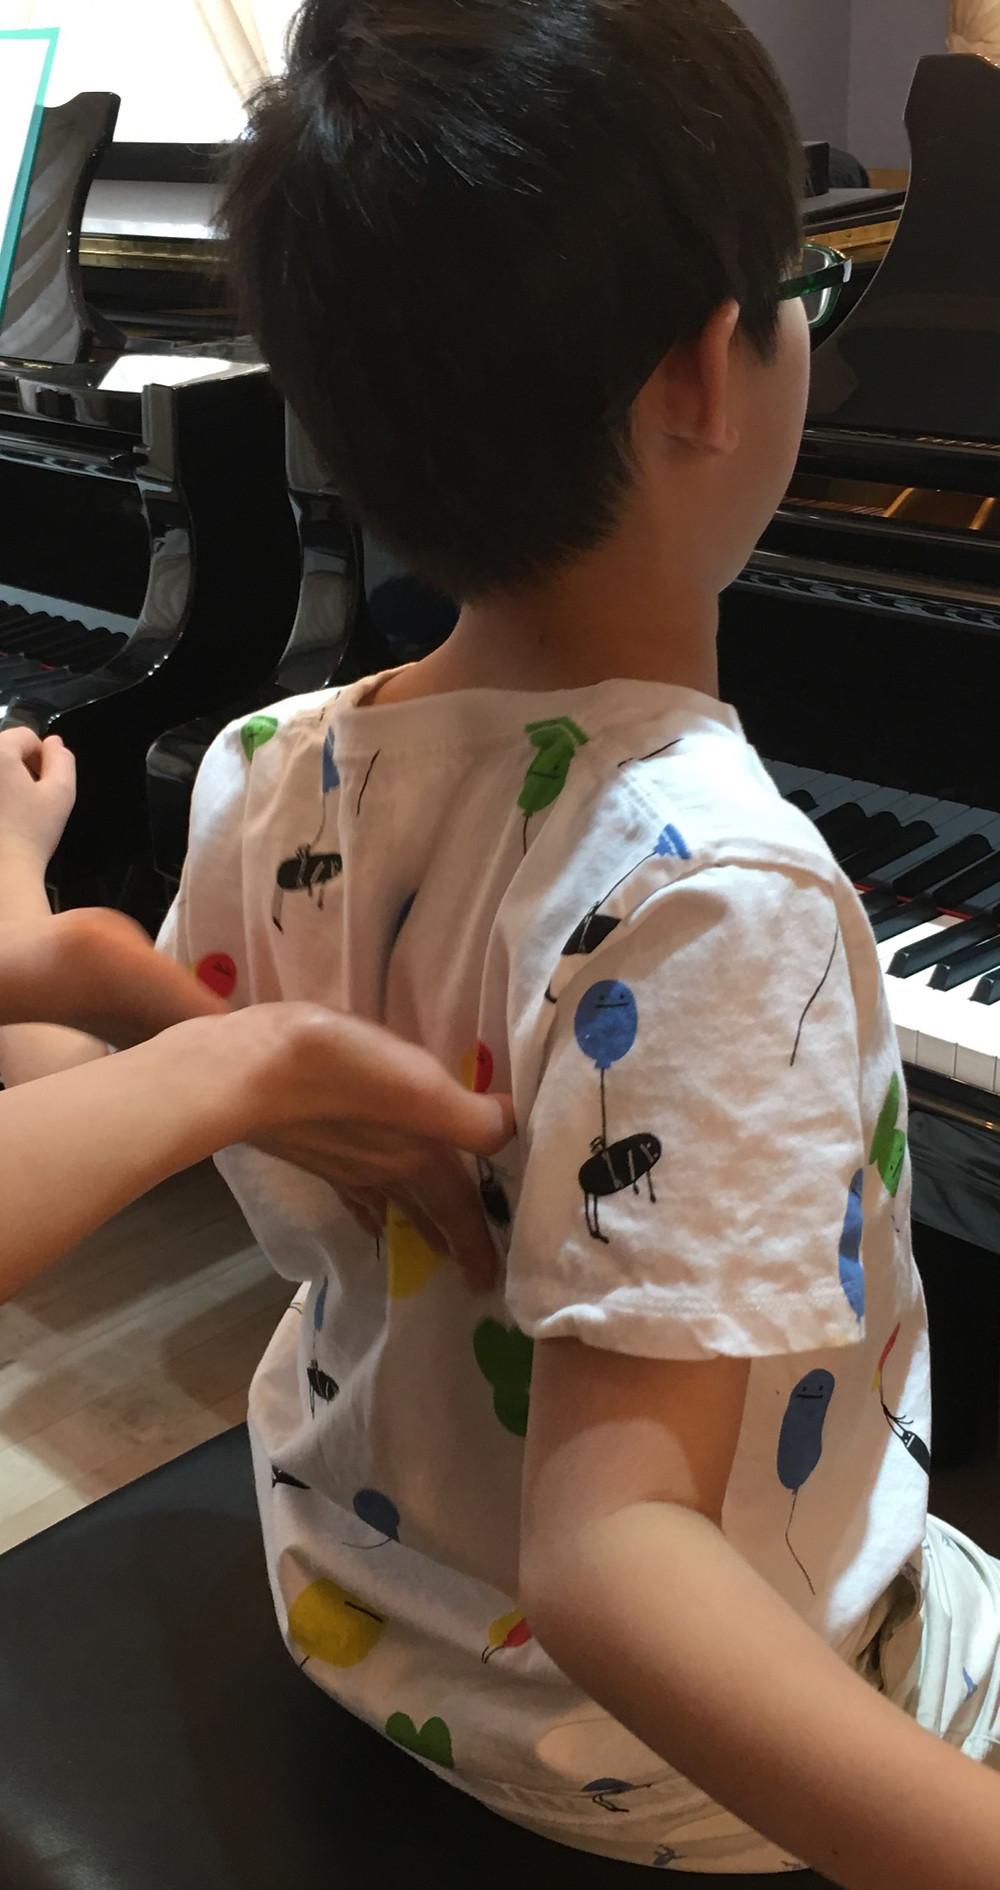 毎日の積み重ねはピアノの姿勢も同じですね